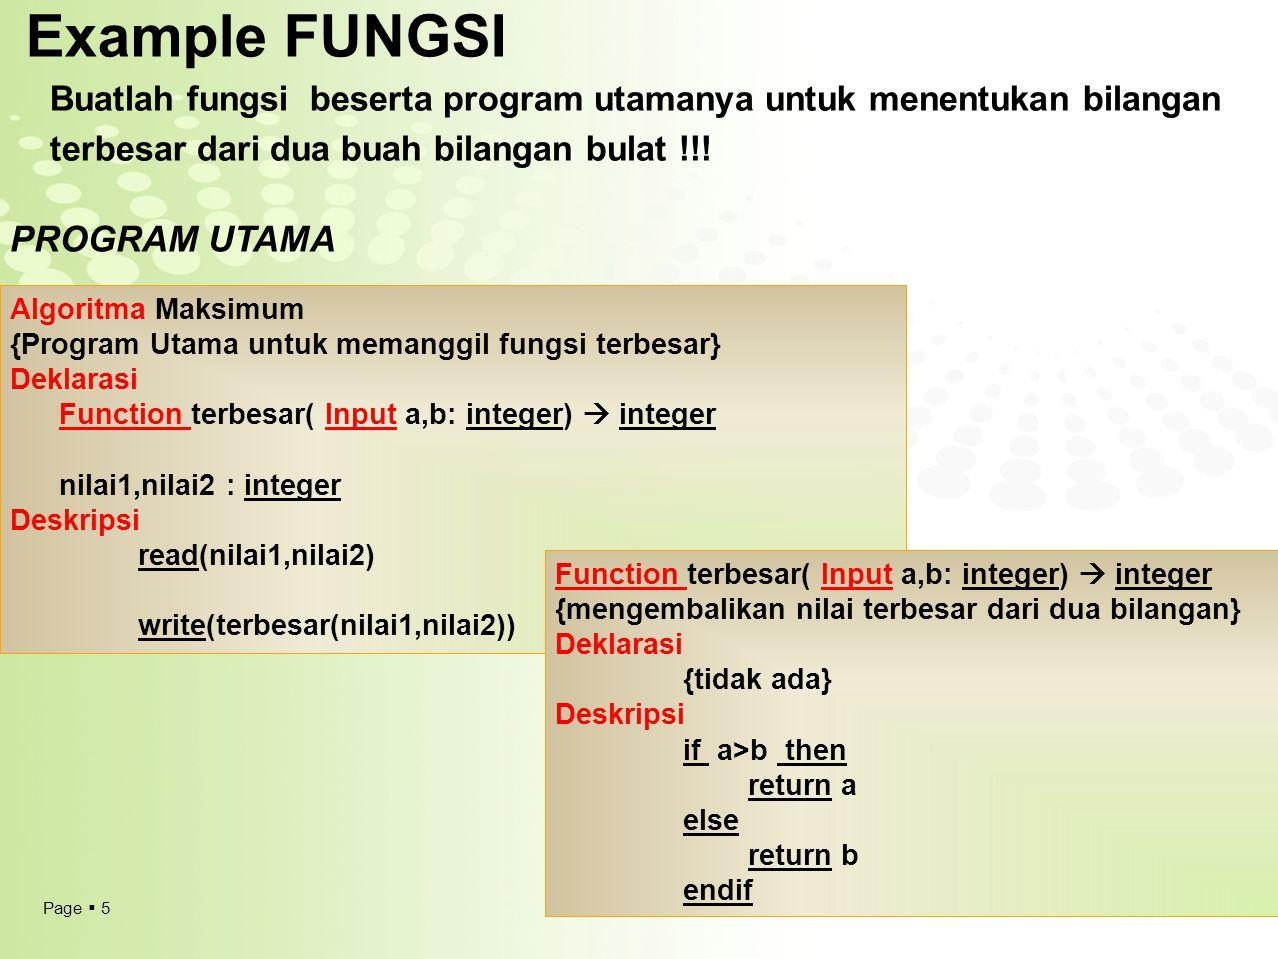 Page  5 Example FUNGSI Buatlah fungsi beserta program utamanya untuk menentukan bilangan terbesar dari dua buah bilangan bulat !!! Algoritma Maksimum